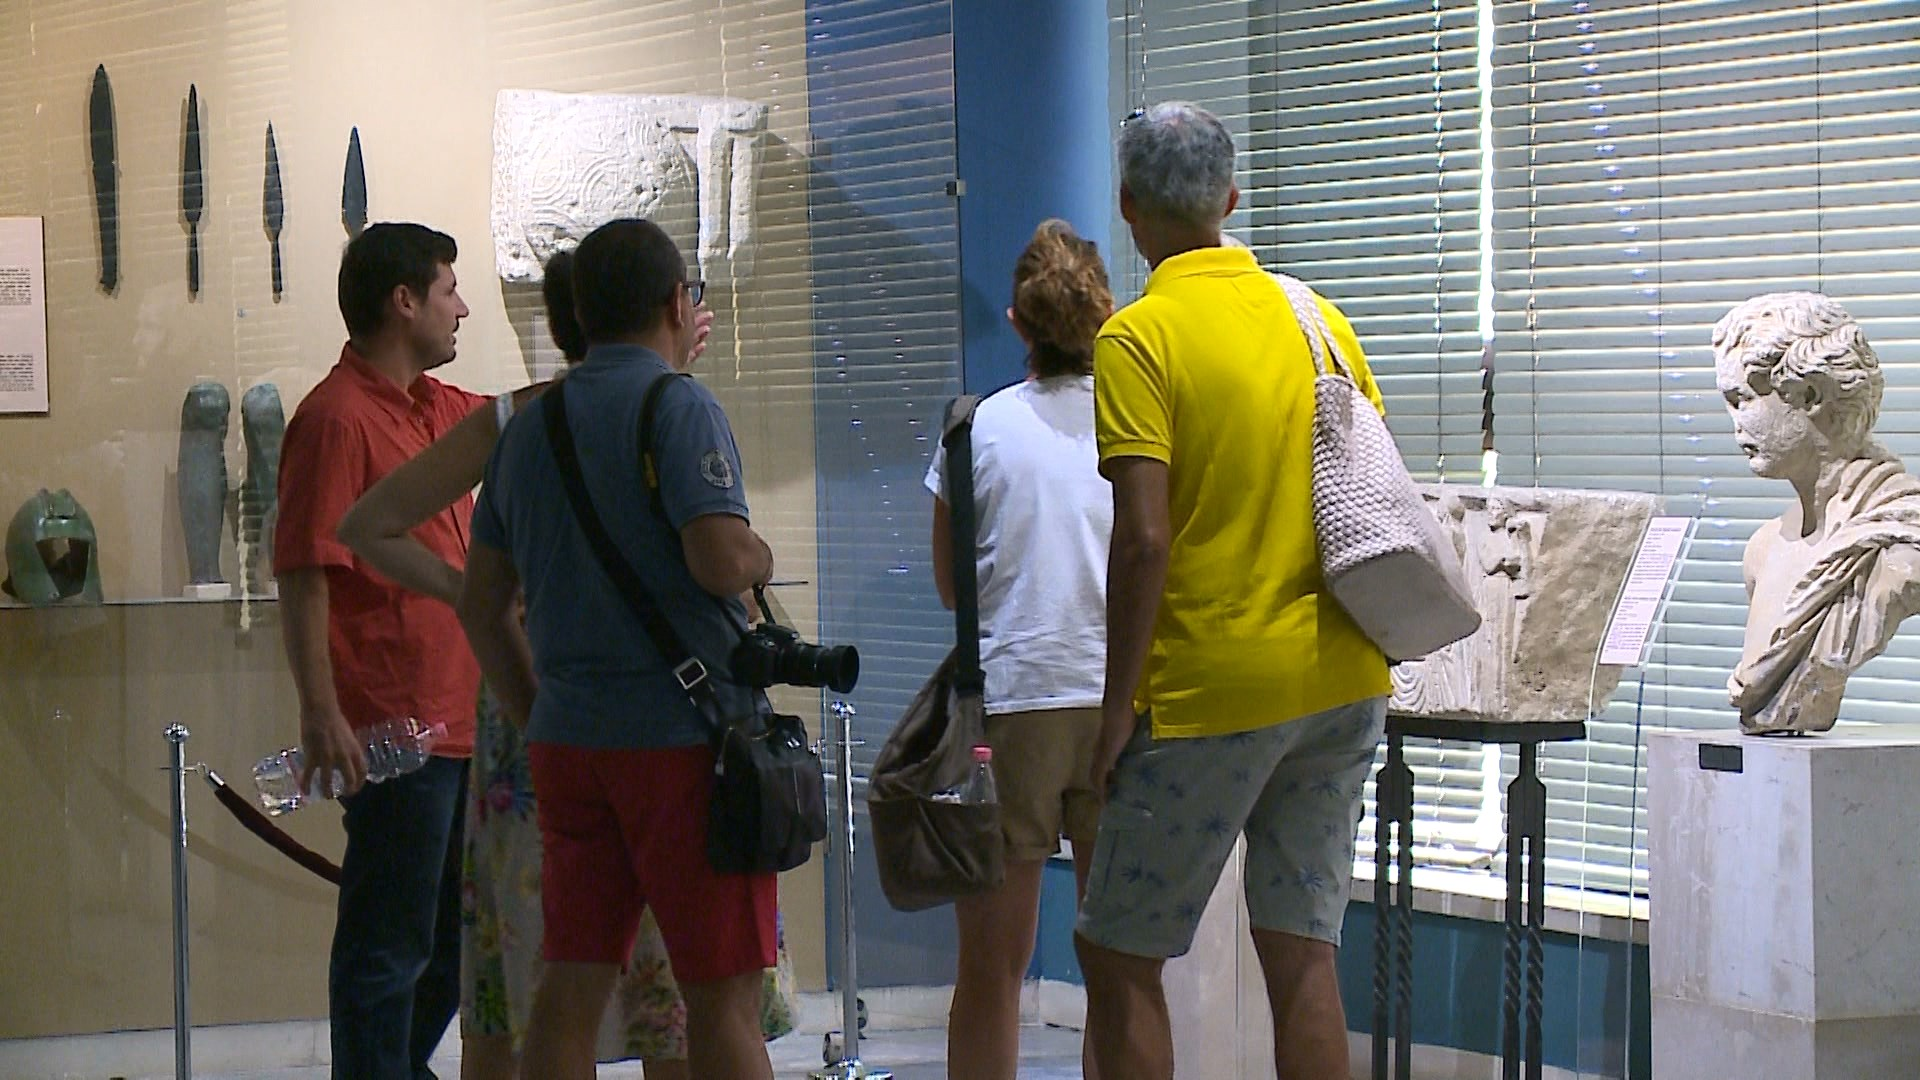 Në sezonin turistik, vizitorët e huaj shfaqin interes të madh për muzetë